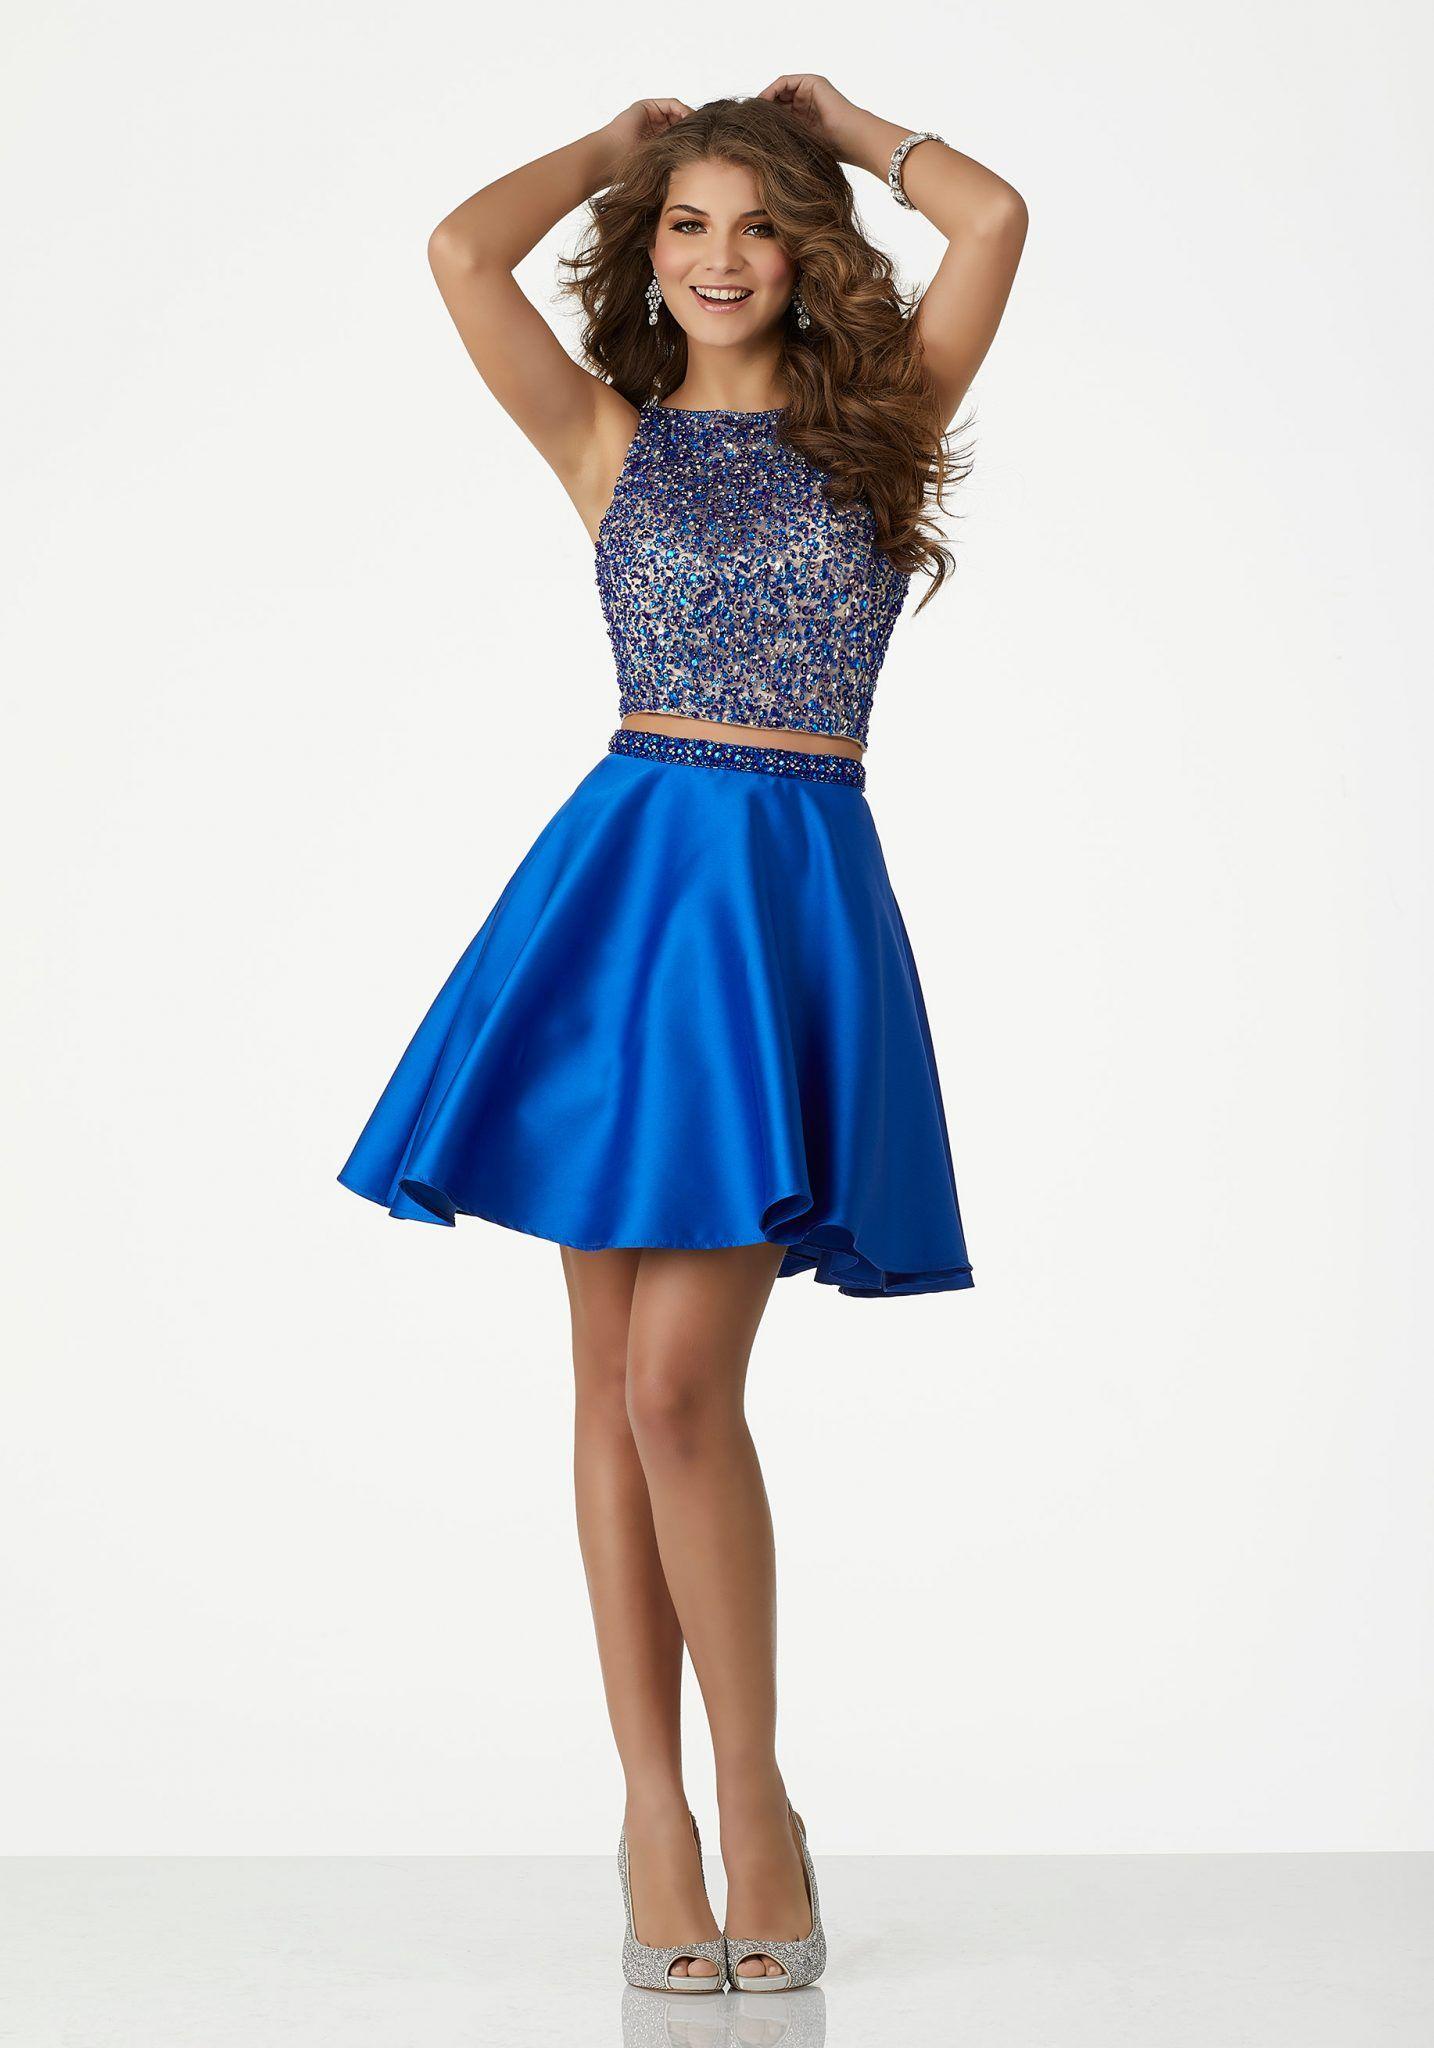 d26af1c28c195 2018 Abiye Elbise Kısa Abiye Modelleri Saks Mavi Kolsuz İki Parça Saten Etek  Boncuklu